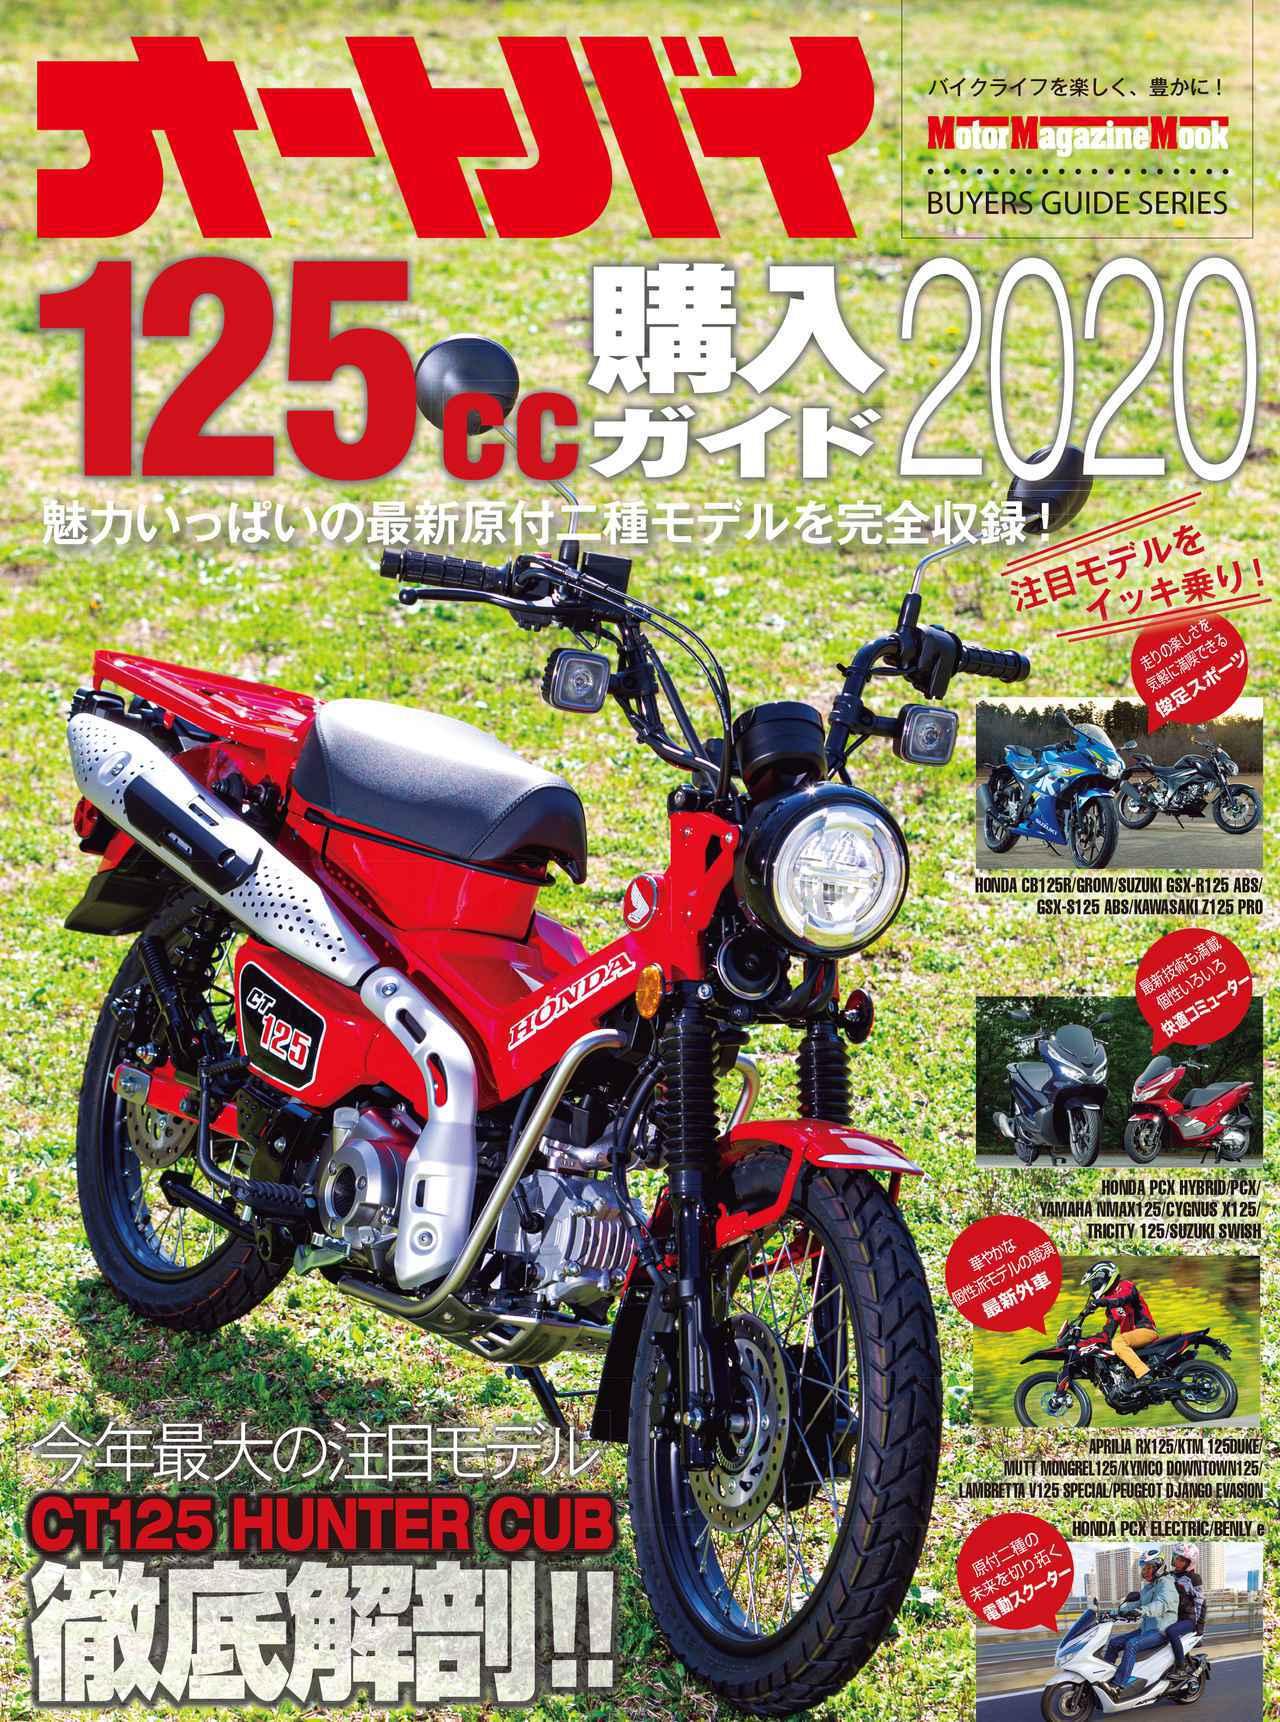 画像1: 最新の125ccバイクを徹底網羅&詳しく解説! 原付二種の情報は『オートバイ 125cc購入ガイド2020』におまかせあれ!